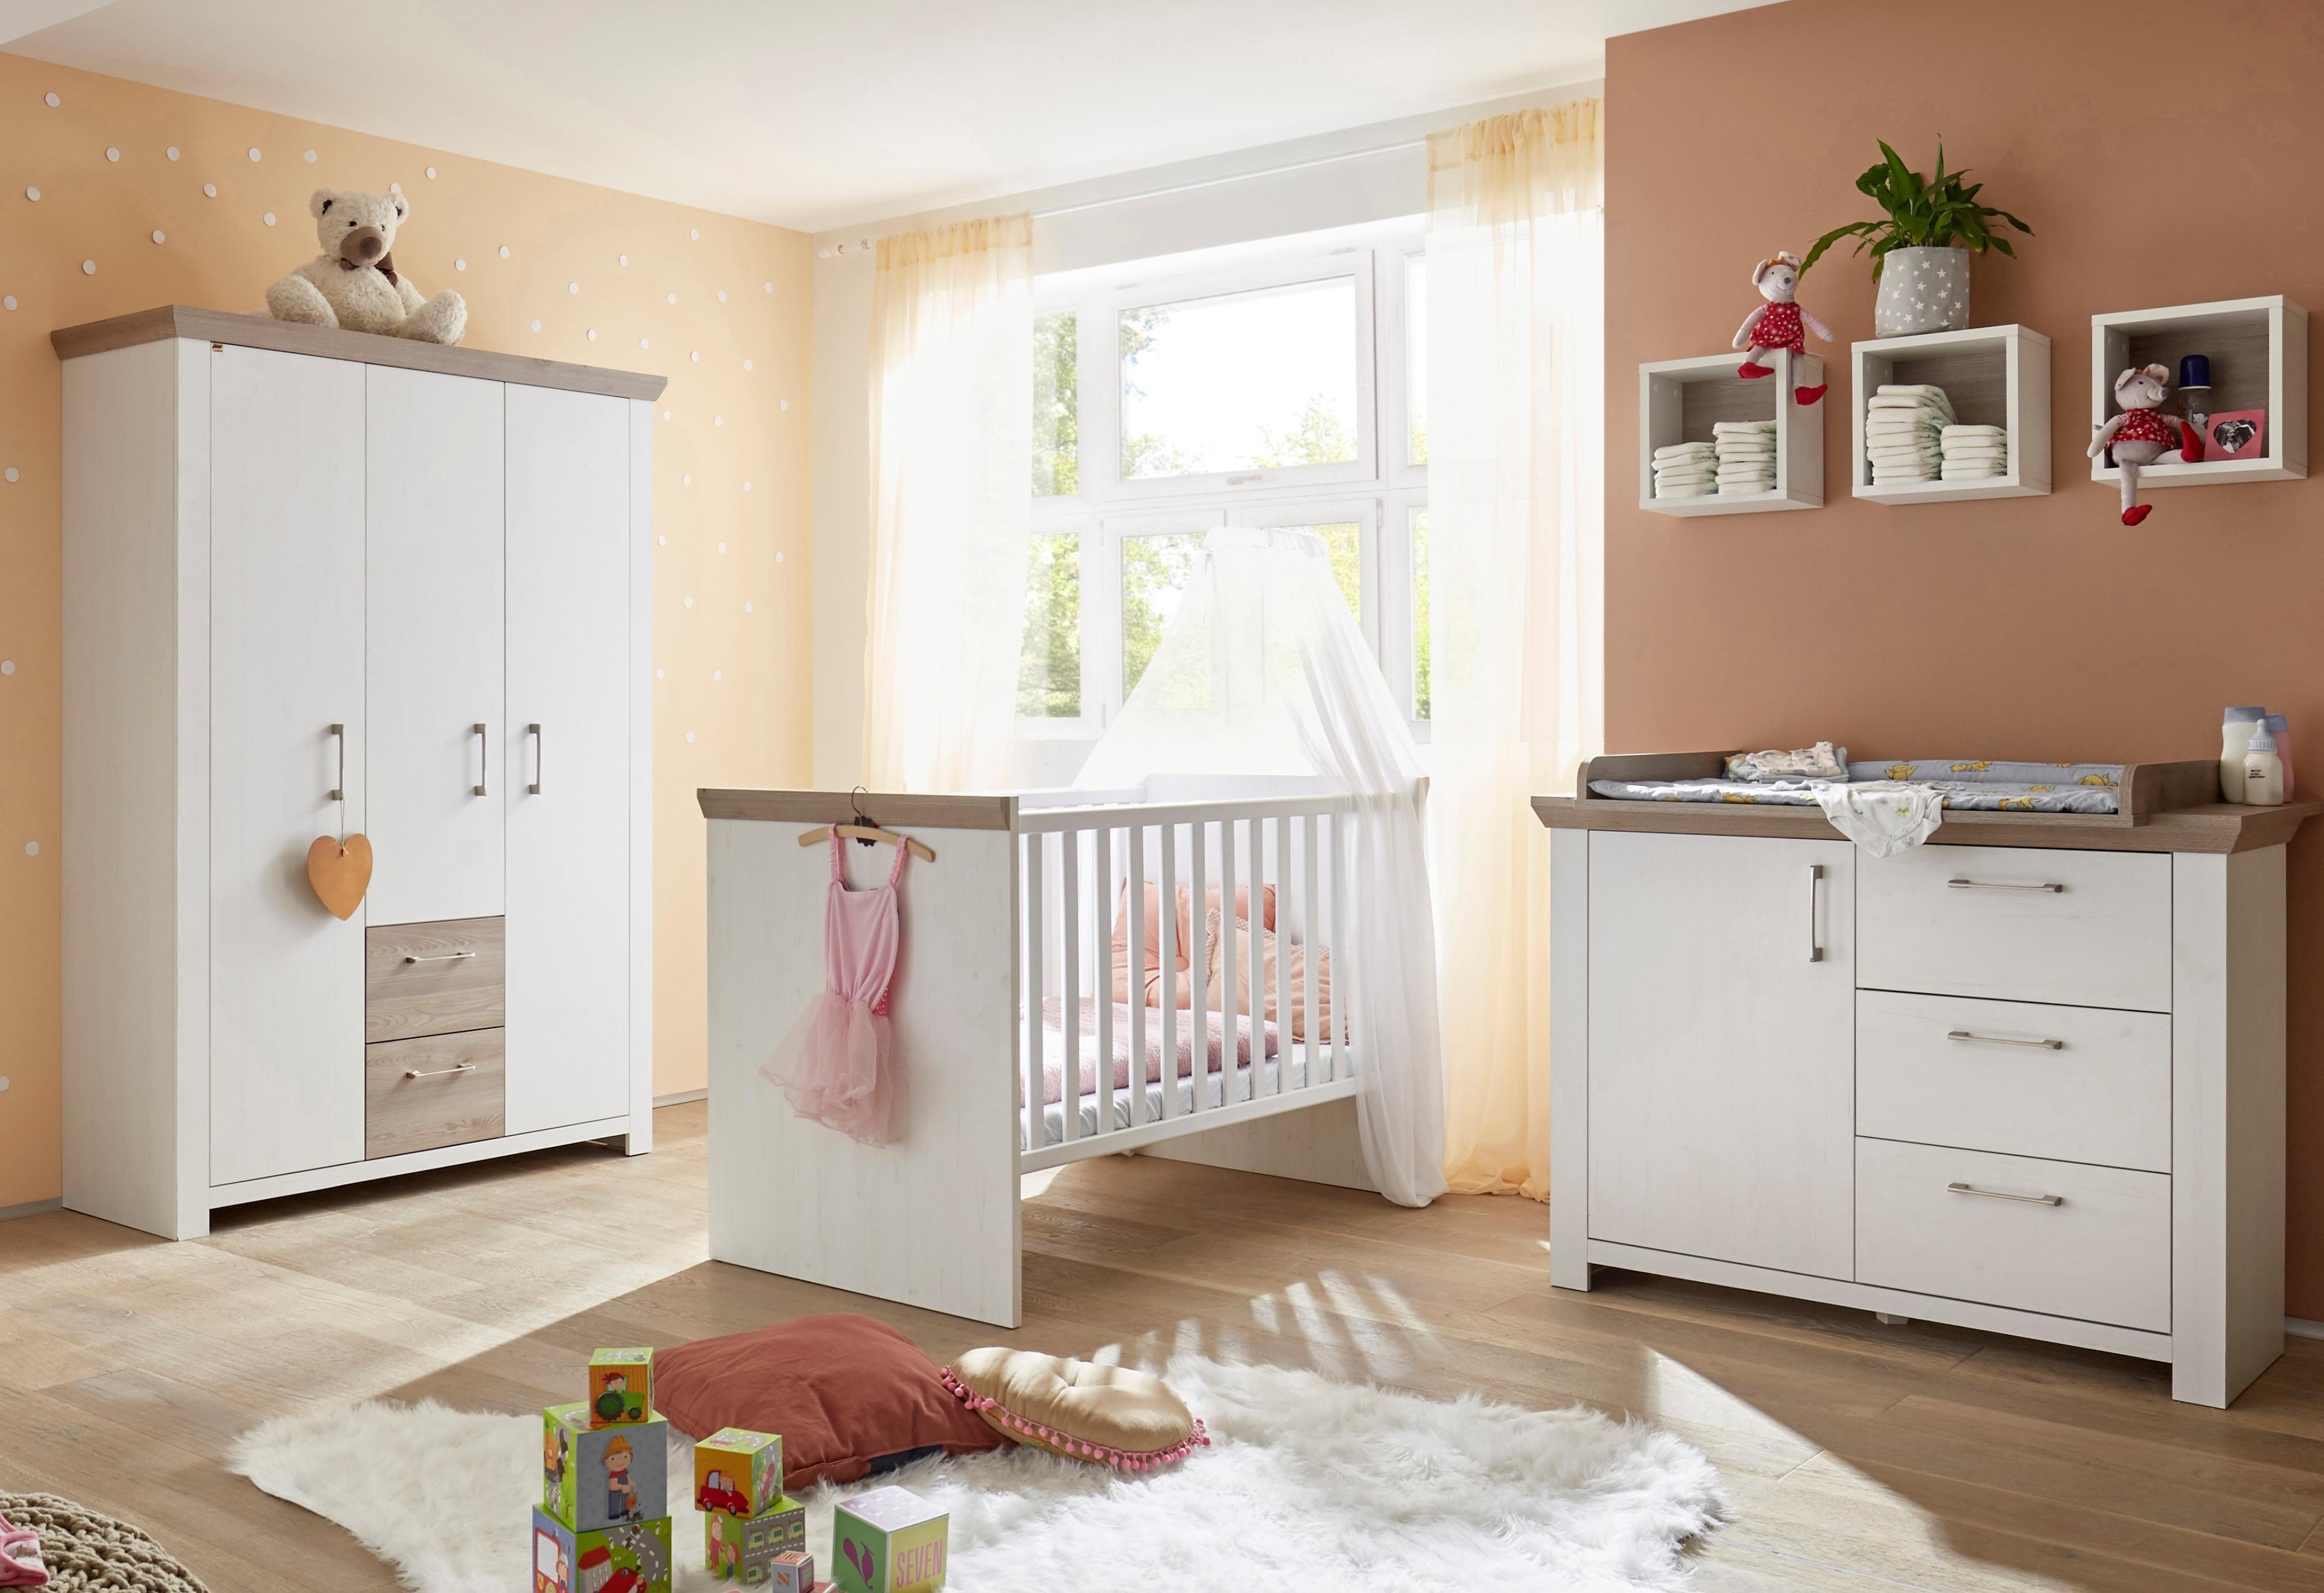 Babykamer Compleet Te Koop.Complete Babykamer Stralsund Ledikant Commode Kledingkast 3